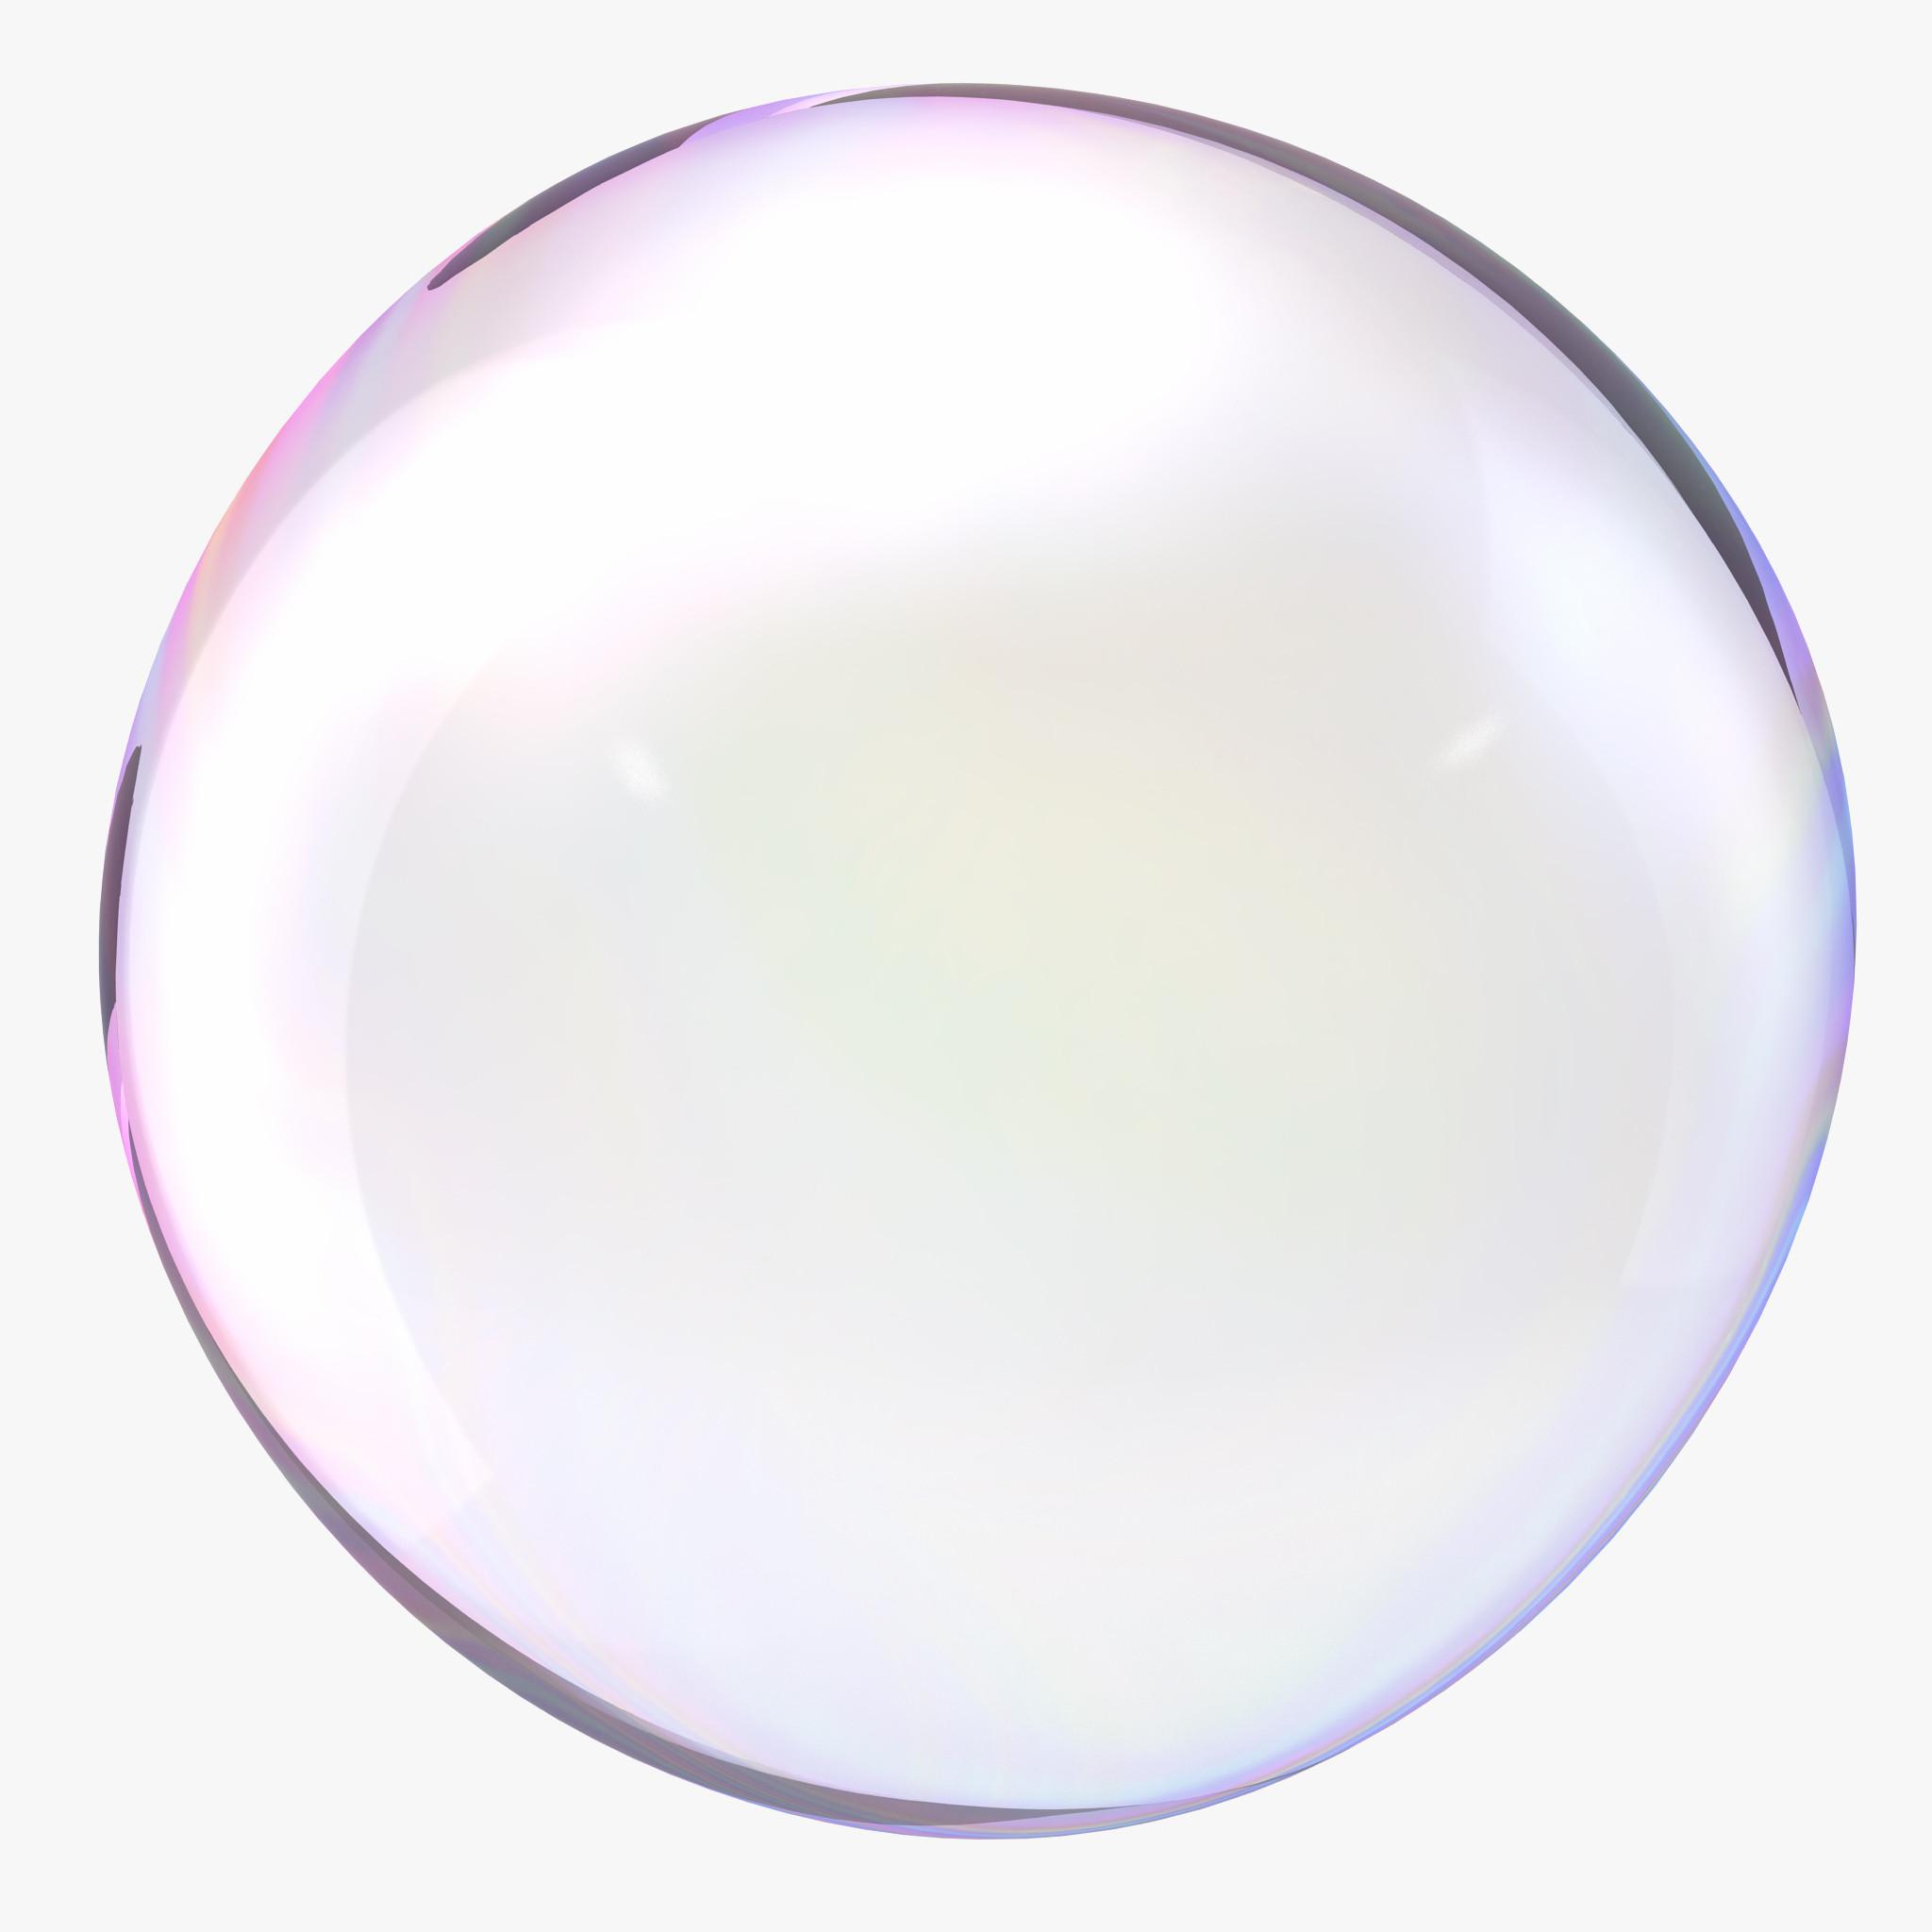 Bubble PNG HD Transparent Bubble HD.PNG Images..